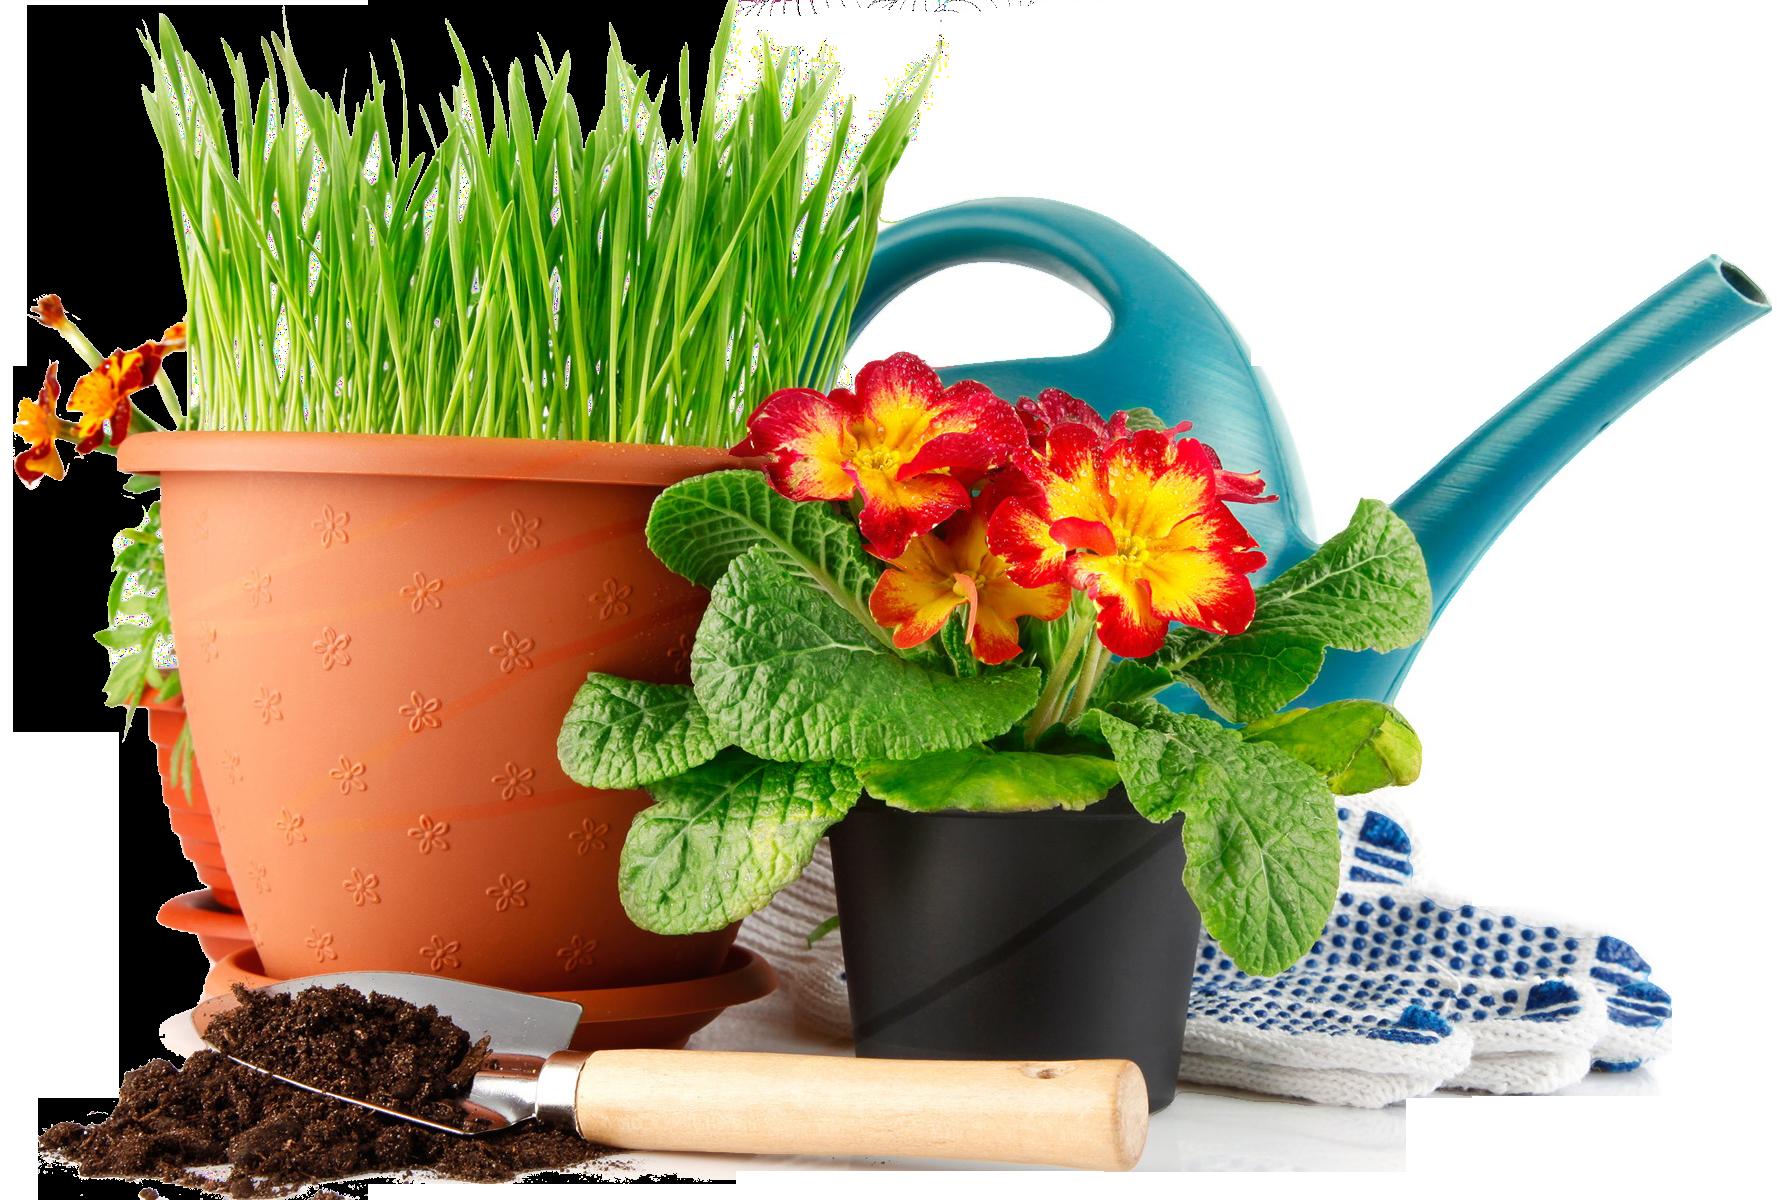 Сбор заказов. Всё для сада-огорода. Удобрения,ср-ва защиты, садовый декор, инструмент и разные садовые нужности